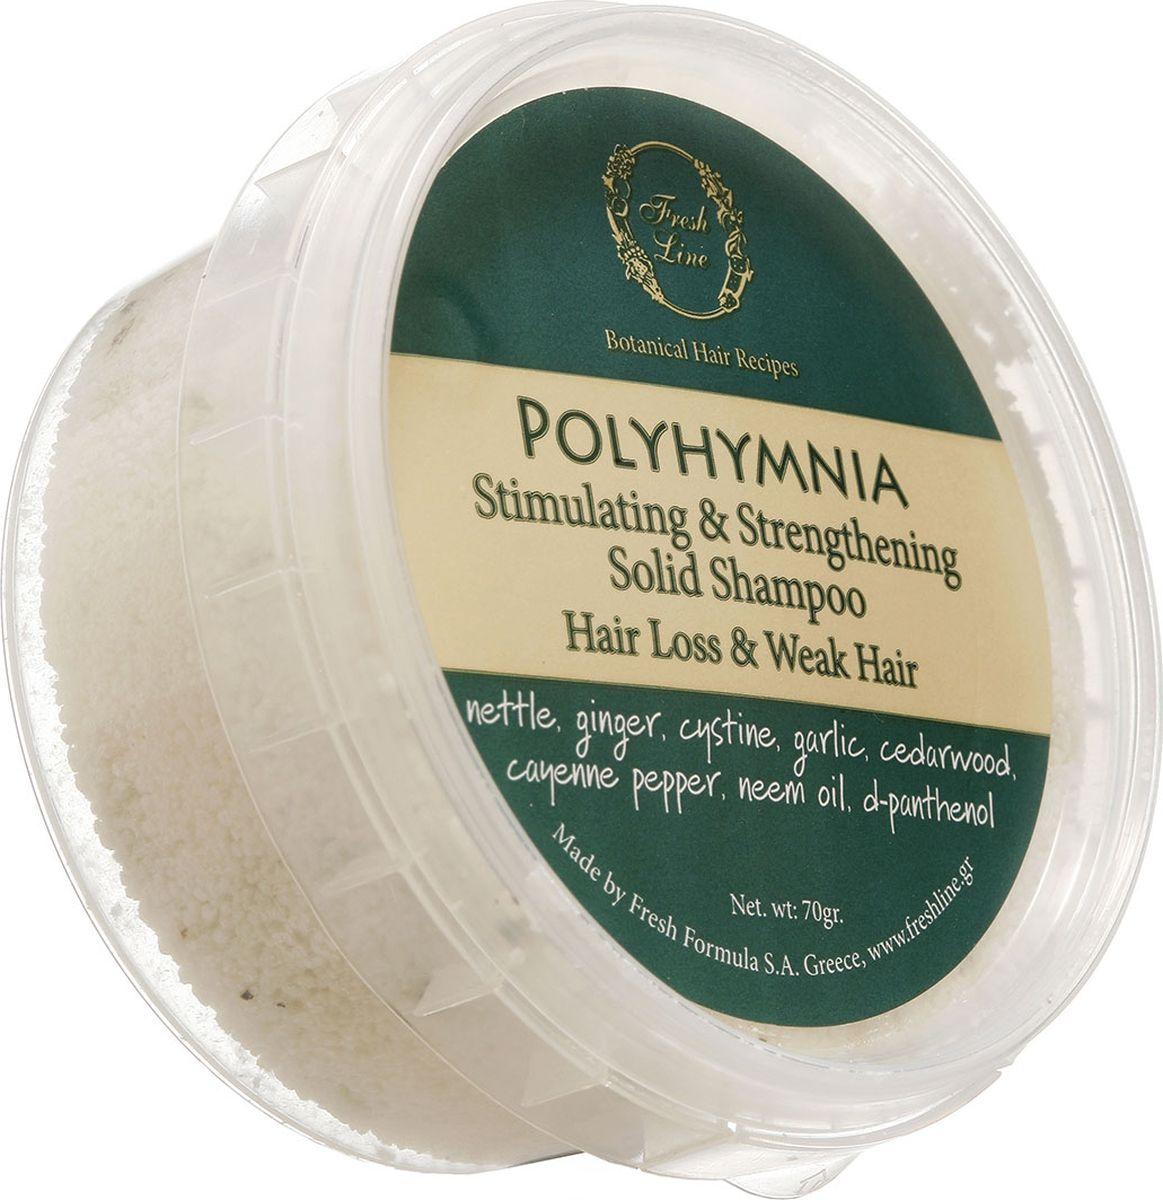 Fresh Line Шампунь твердый для волос от выпадения Полимния, 70 г900622Содержит сильнодействующие эфирные масла: лавра благородного, черного перца, кедра, шалфея мускатного, чеснока и имбиря, которые улучшают рост волос и тонизируют микроциркуляцию кожи головы. Идеально подходит и для мужчин, и для женщин. Применяется также для лечения периодического выпадения волос (весна, осень) и после беременности.